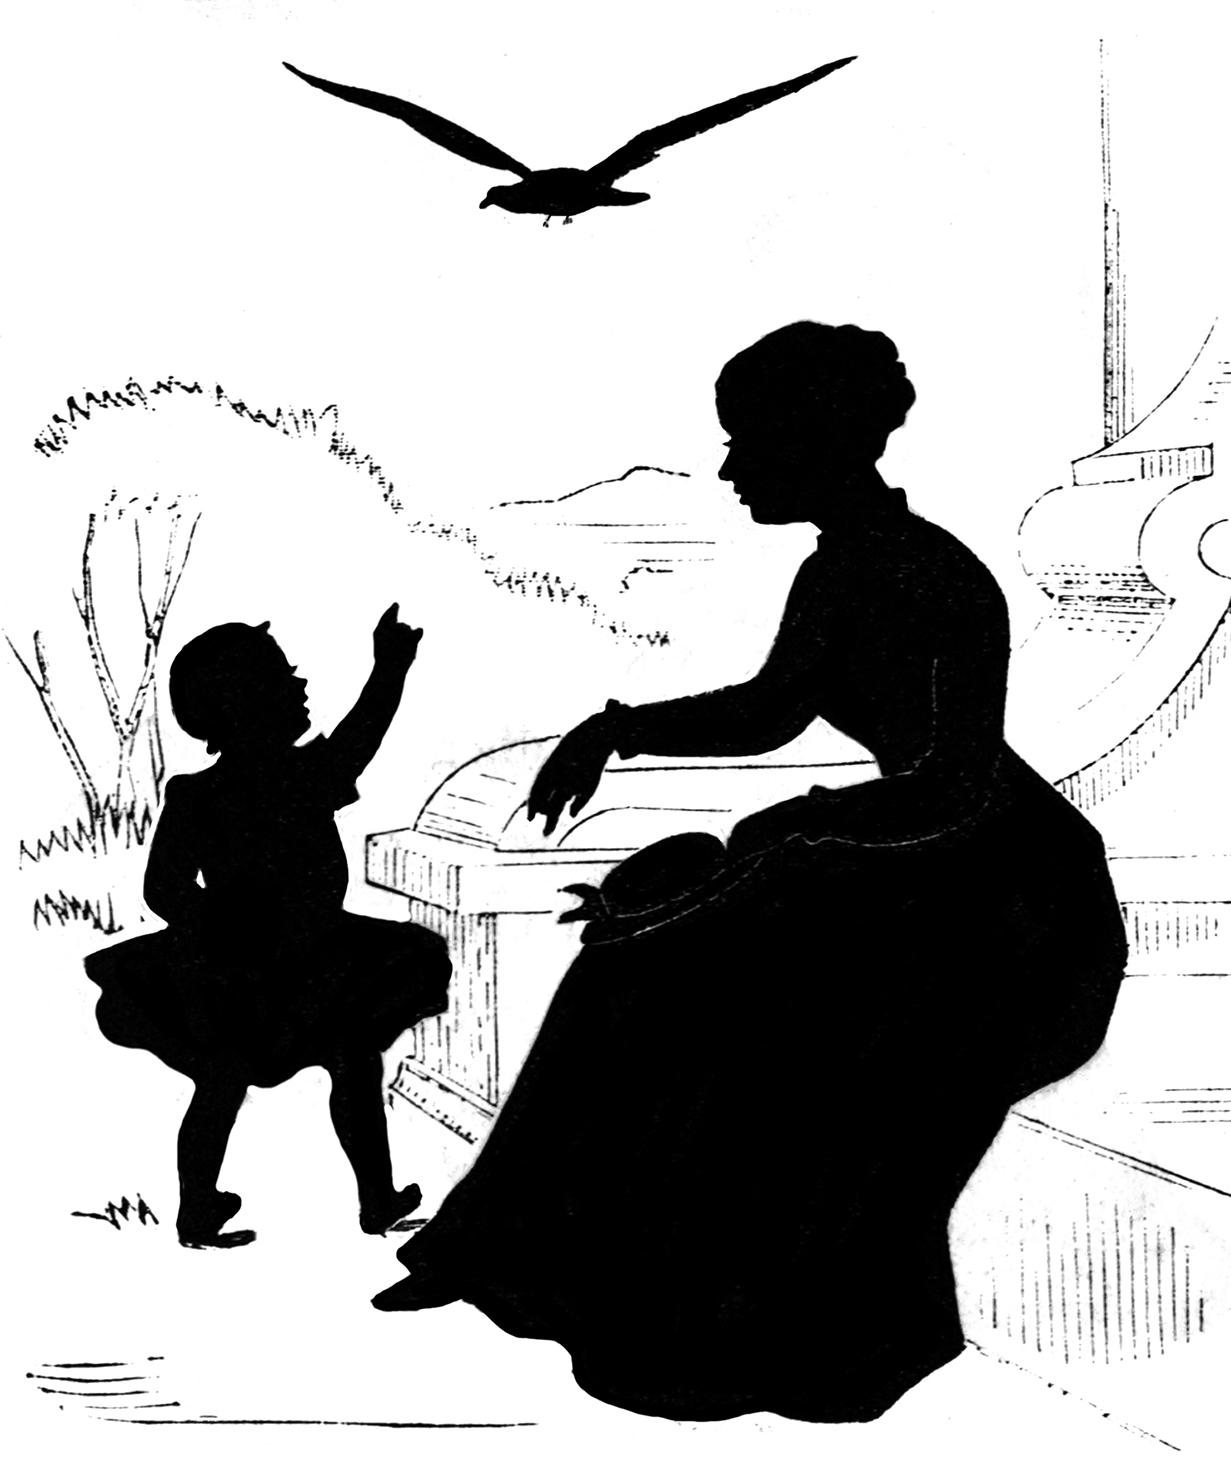 victorian silhouette mother child bird